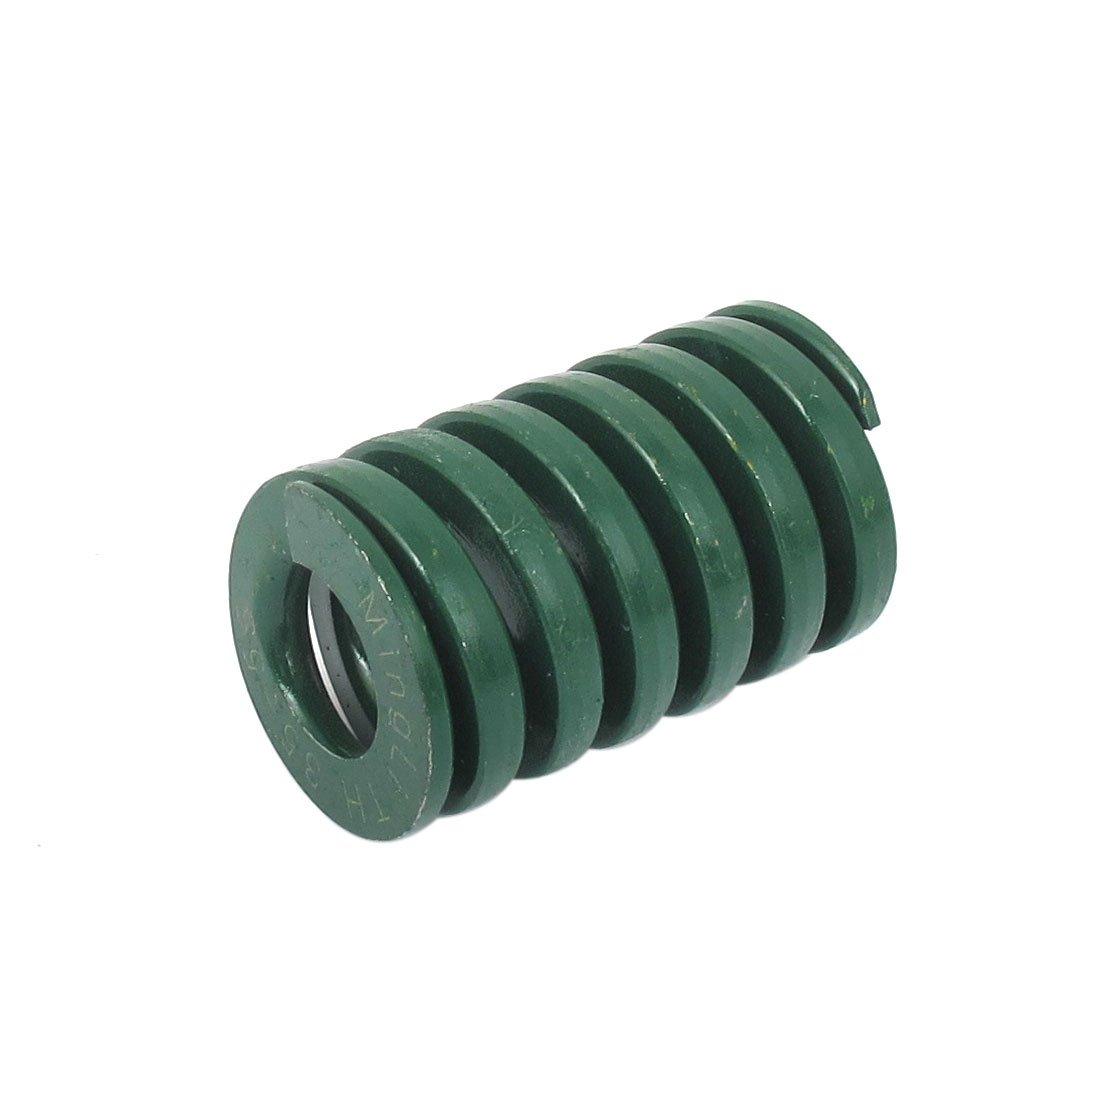 sourcingmap® 35mm OD 55mm lange schwere Last Spiral Stanzen Kompression Die Feder grün sourcing map a15102700ux0842